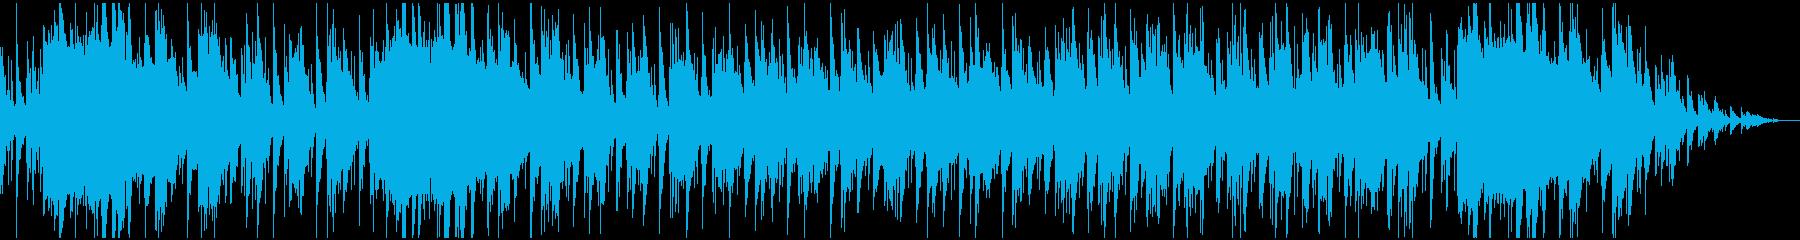 和風 忍びのイメージBGMの再生済みの波形